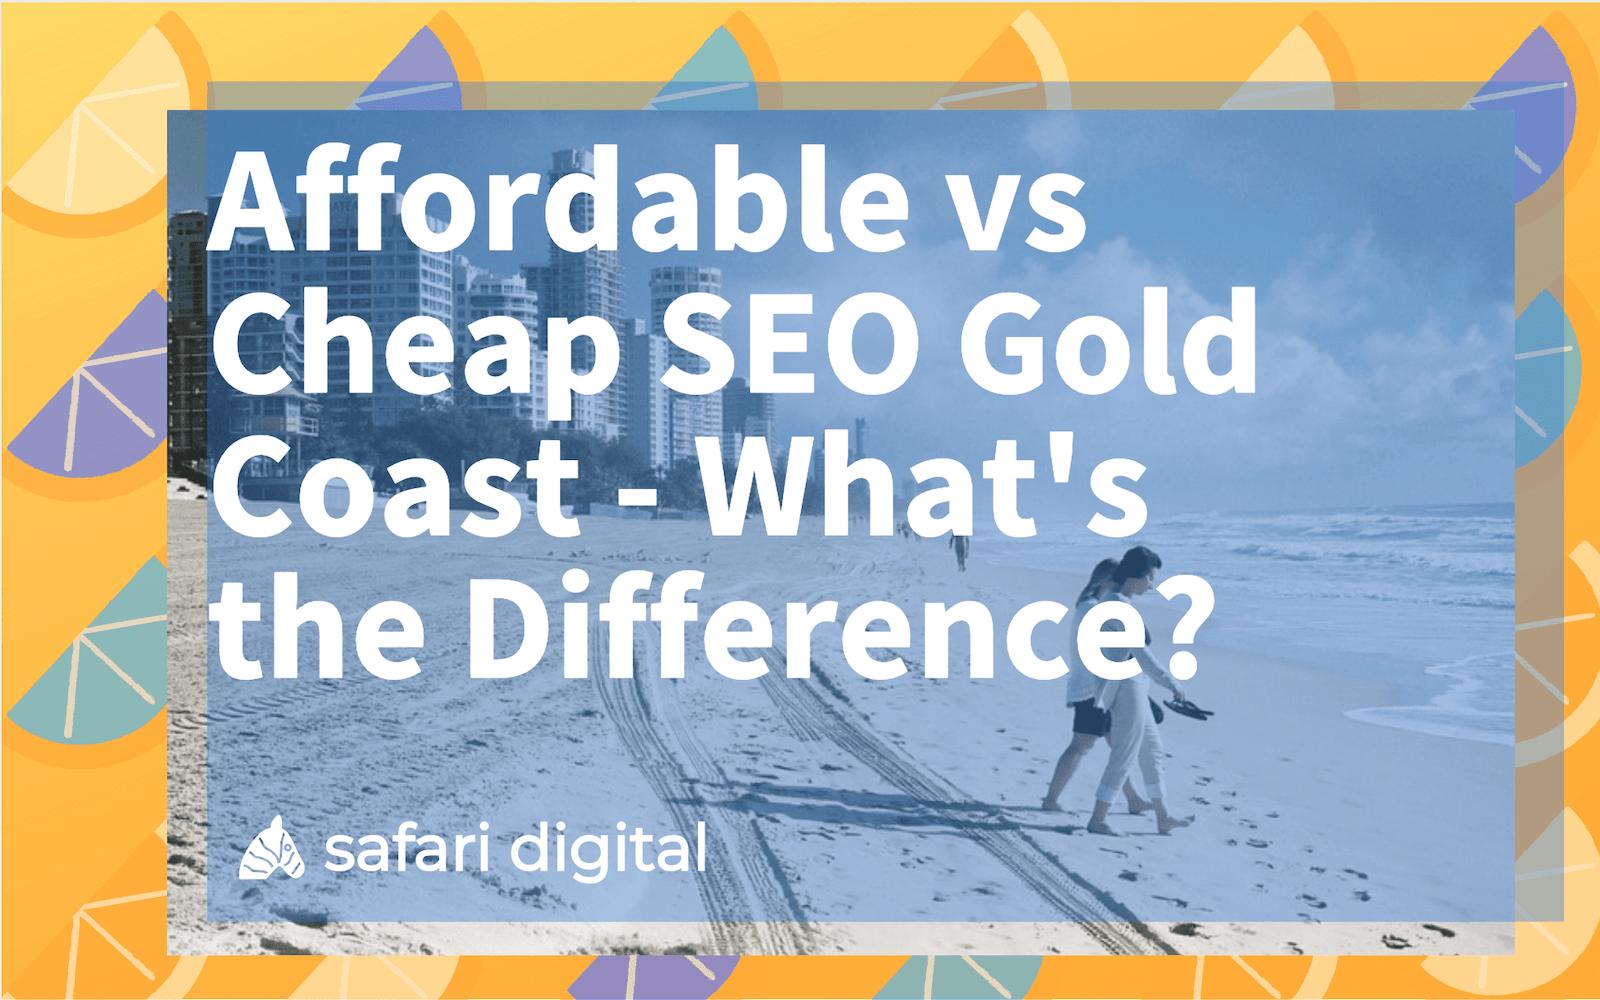 Cheap SEO Gold Coast vs. Affordable SEO Gold Coast - cover image large